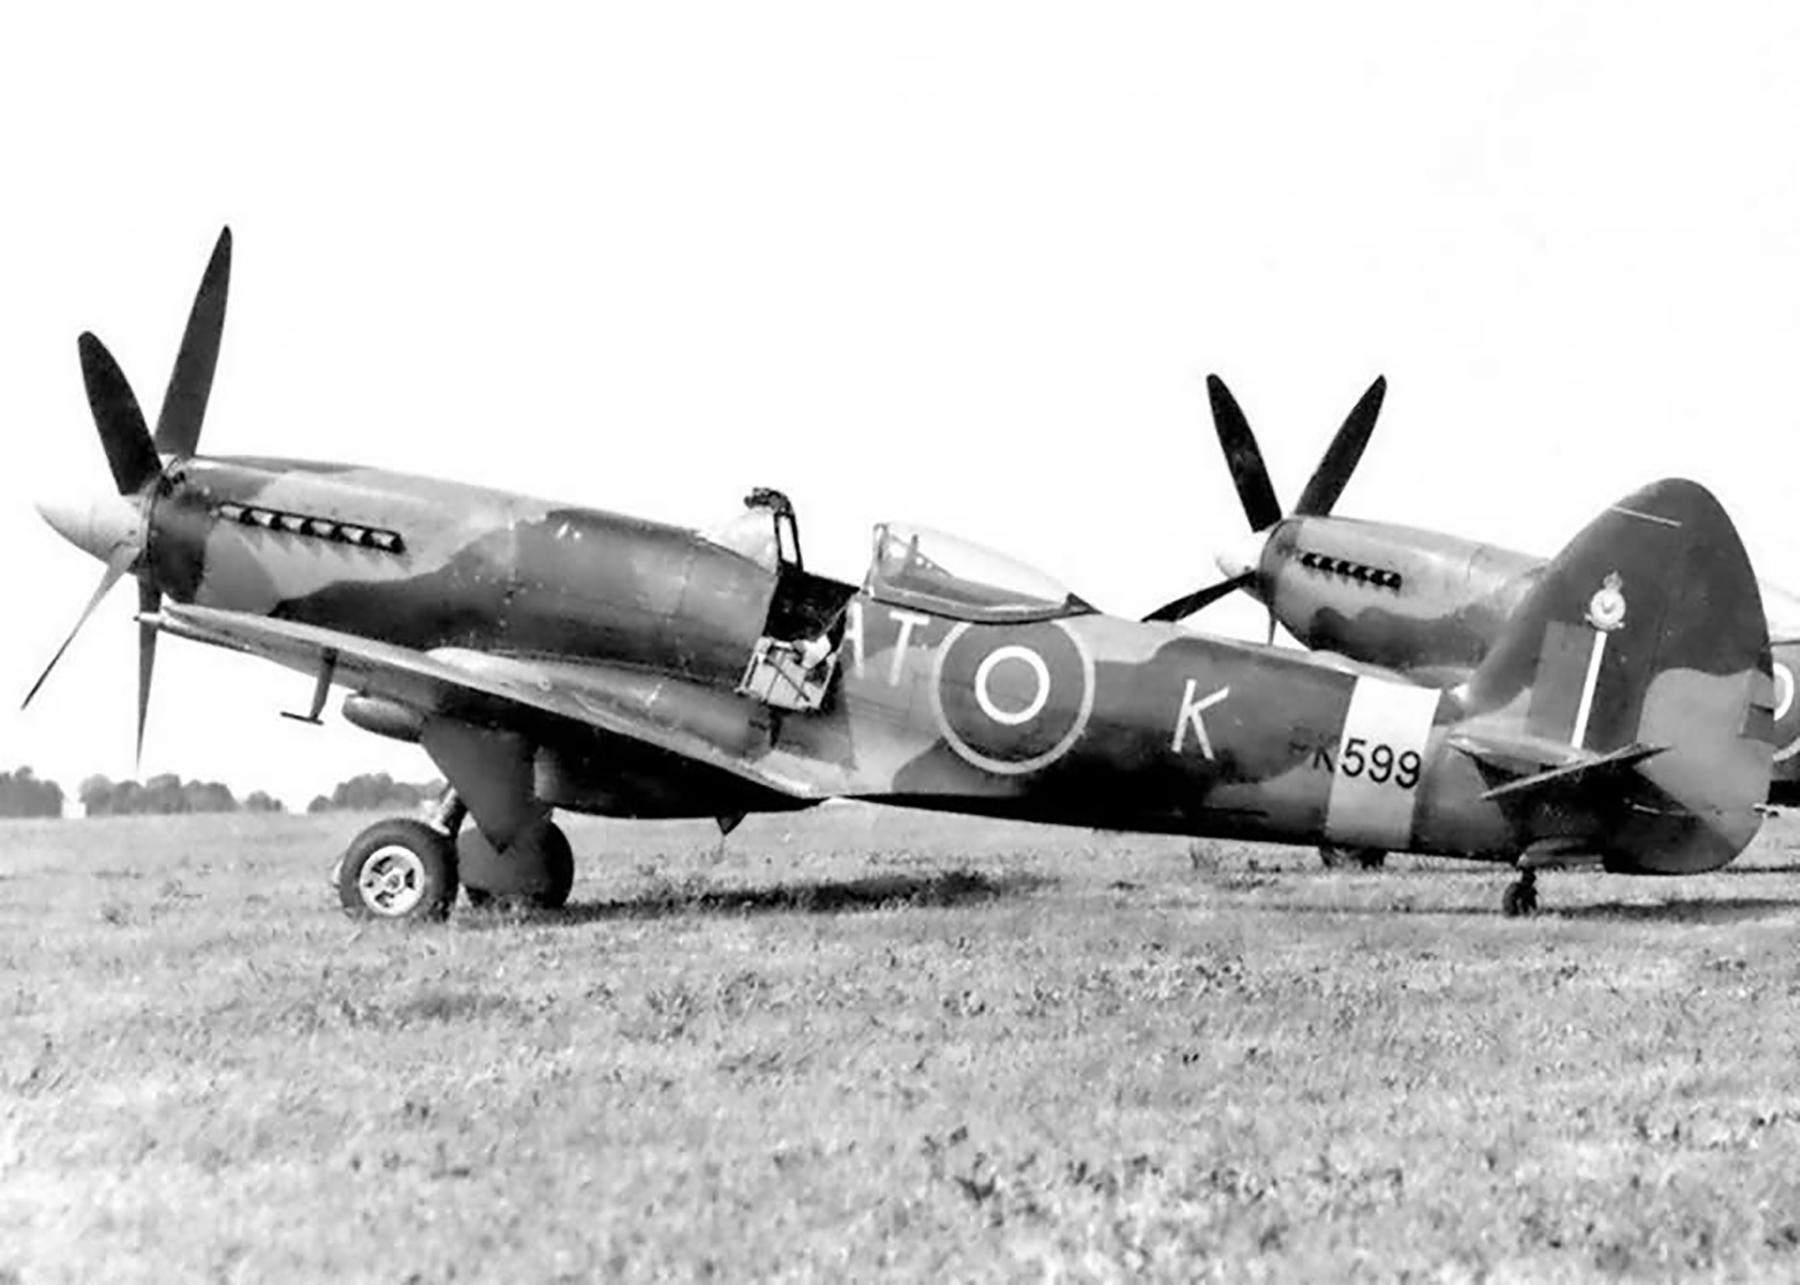 Spitfire F22 RAF 613Sqn RAT K PK599 Nov 1948 web 01